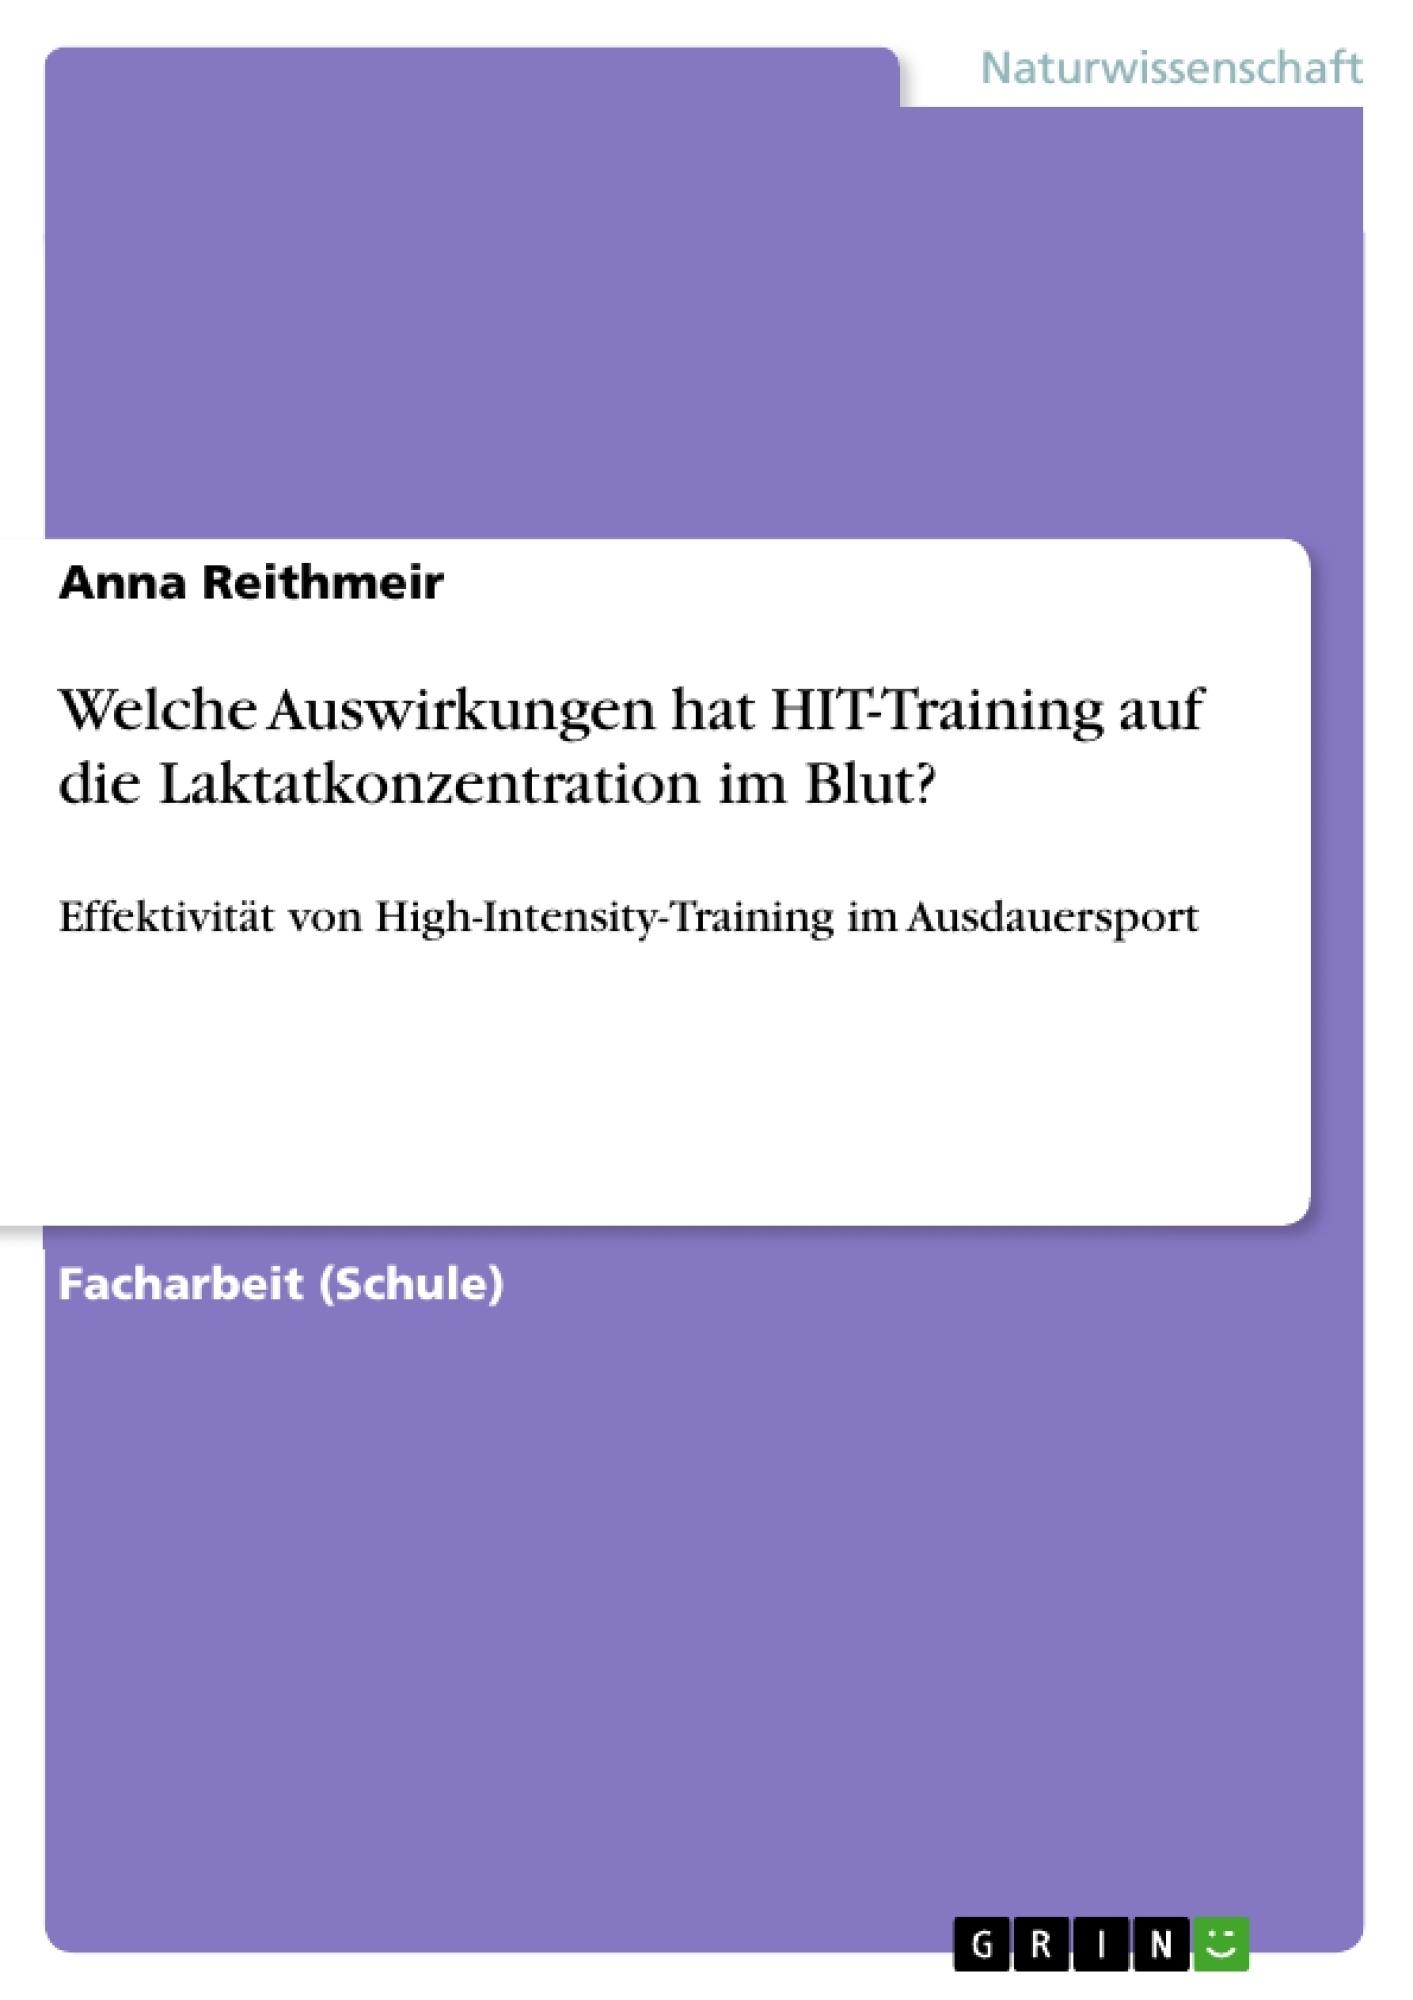 Titel: Welche Auswirkungen hat HIT-Training auf die Laktatkonzentration im Blut?